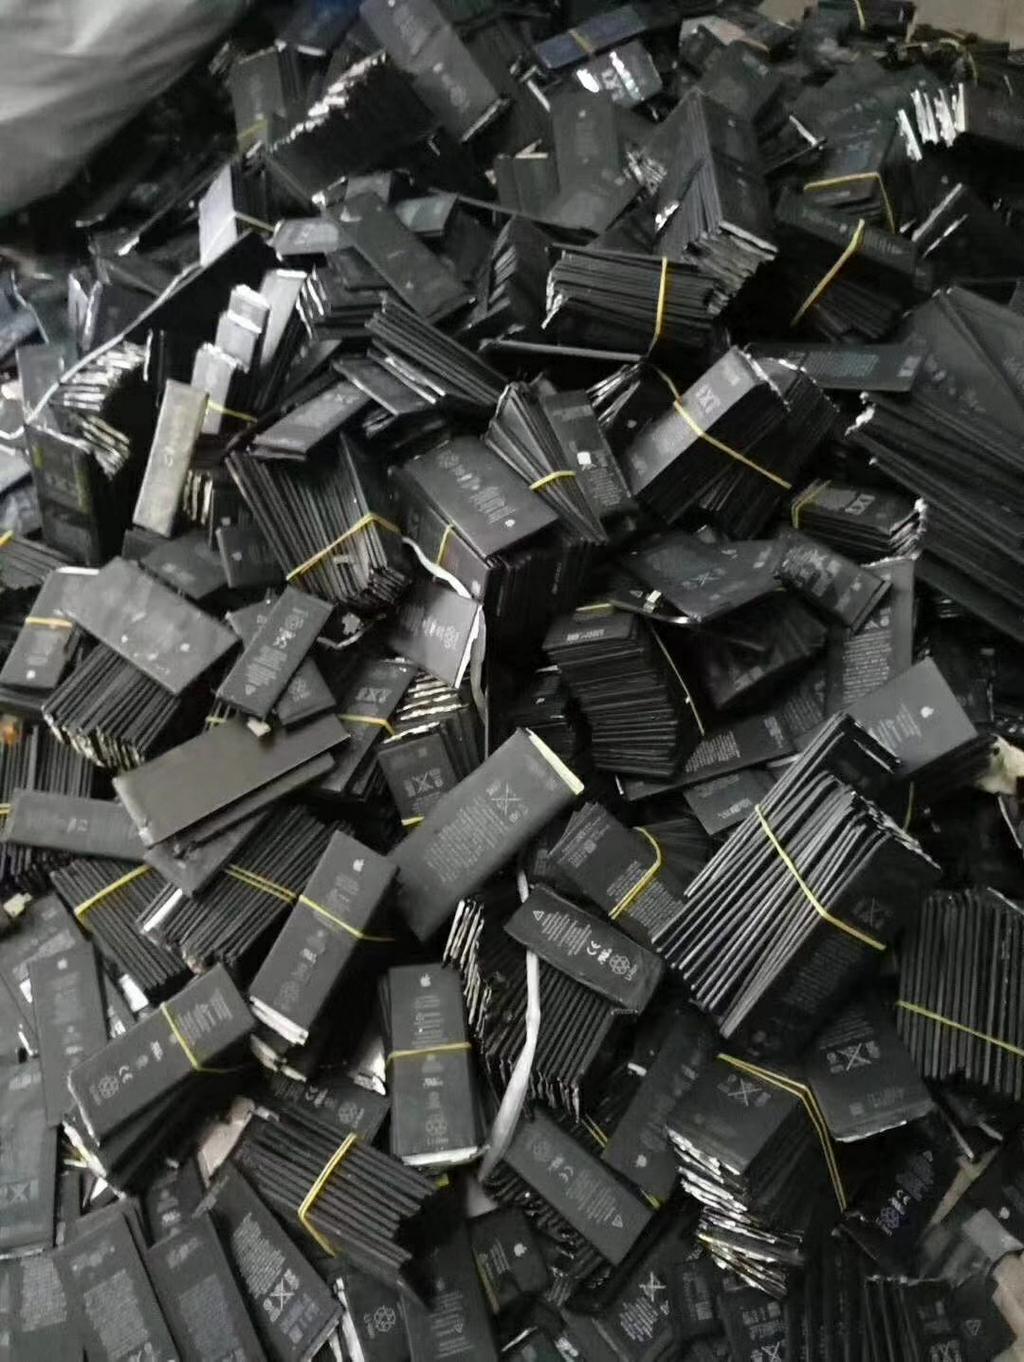 面向全国各地高价收购,锂电池废料. 报废正 负极片,铝箔,聚合物,18650,镍氢,成品/半成品电池,手机电池,电动车电池等,工厂库存电池,工厂一切废料,顾客至上,诚信第一。中介重酬💵💵💵💵,欢迎致📞📞洽谈13823251807、廖生,微信同步!